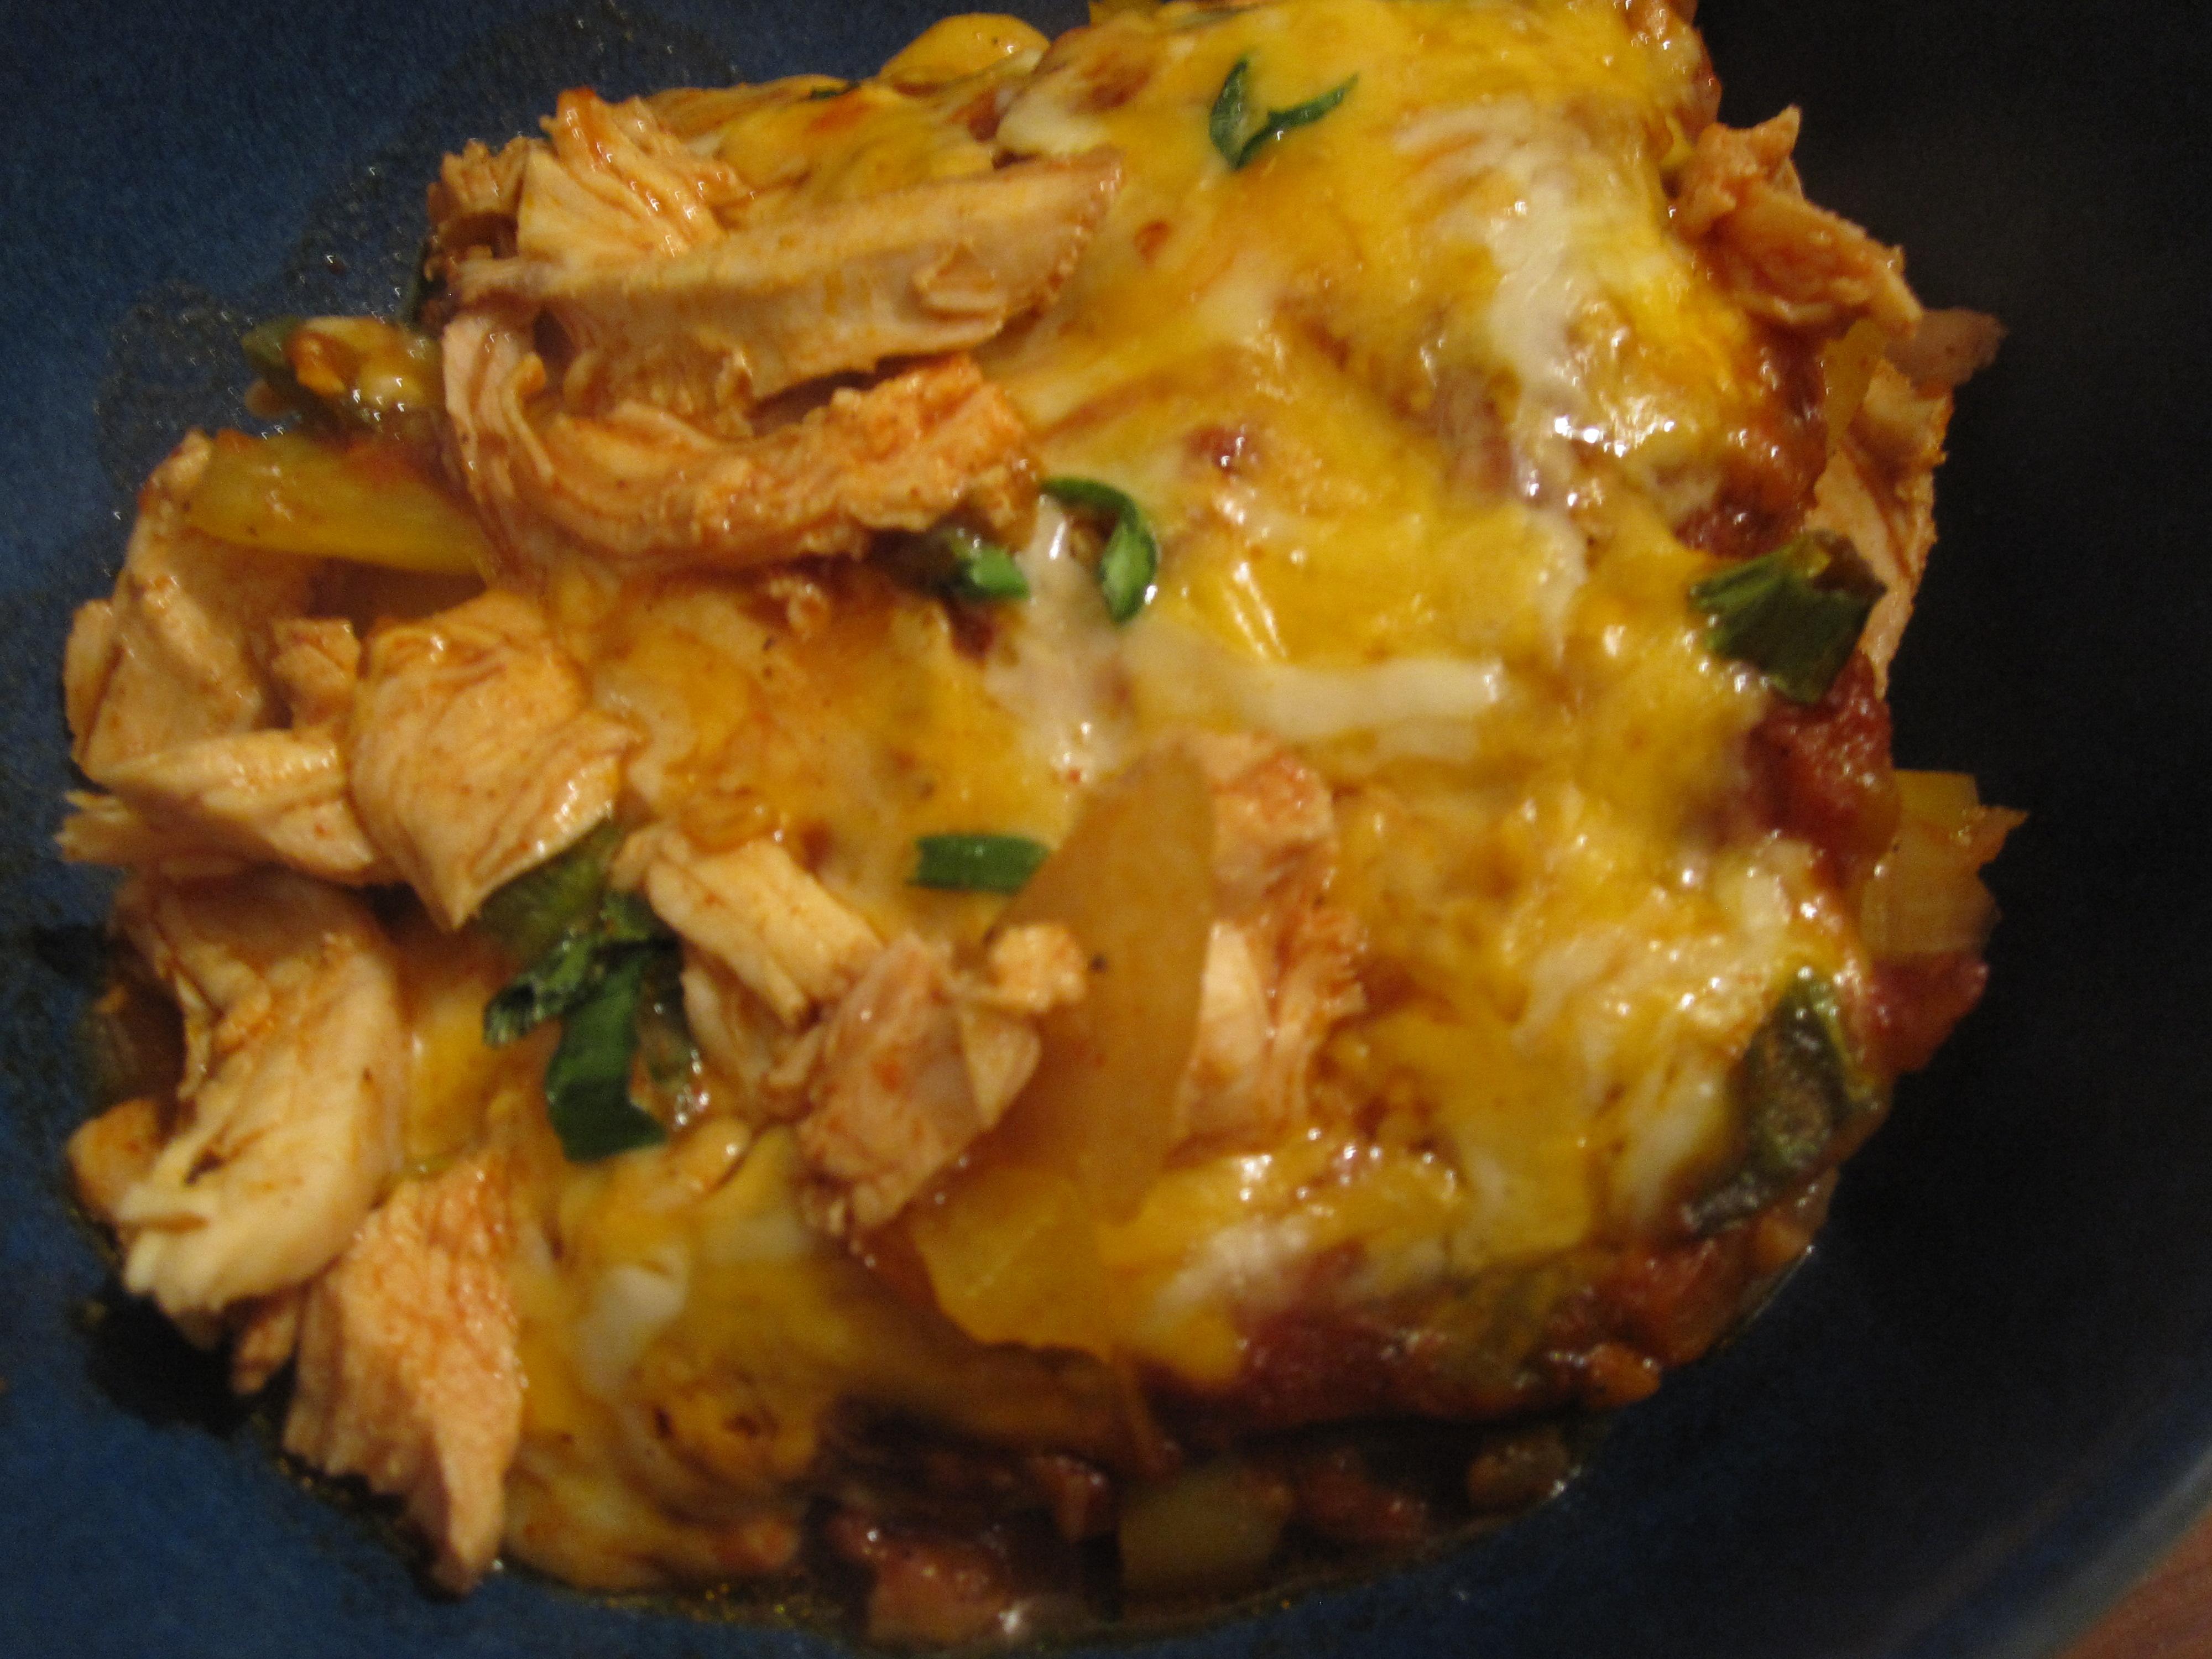 No Tortilla Cheesy Chicken Enchilada Bake | Starving Kitten